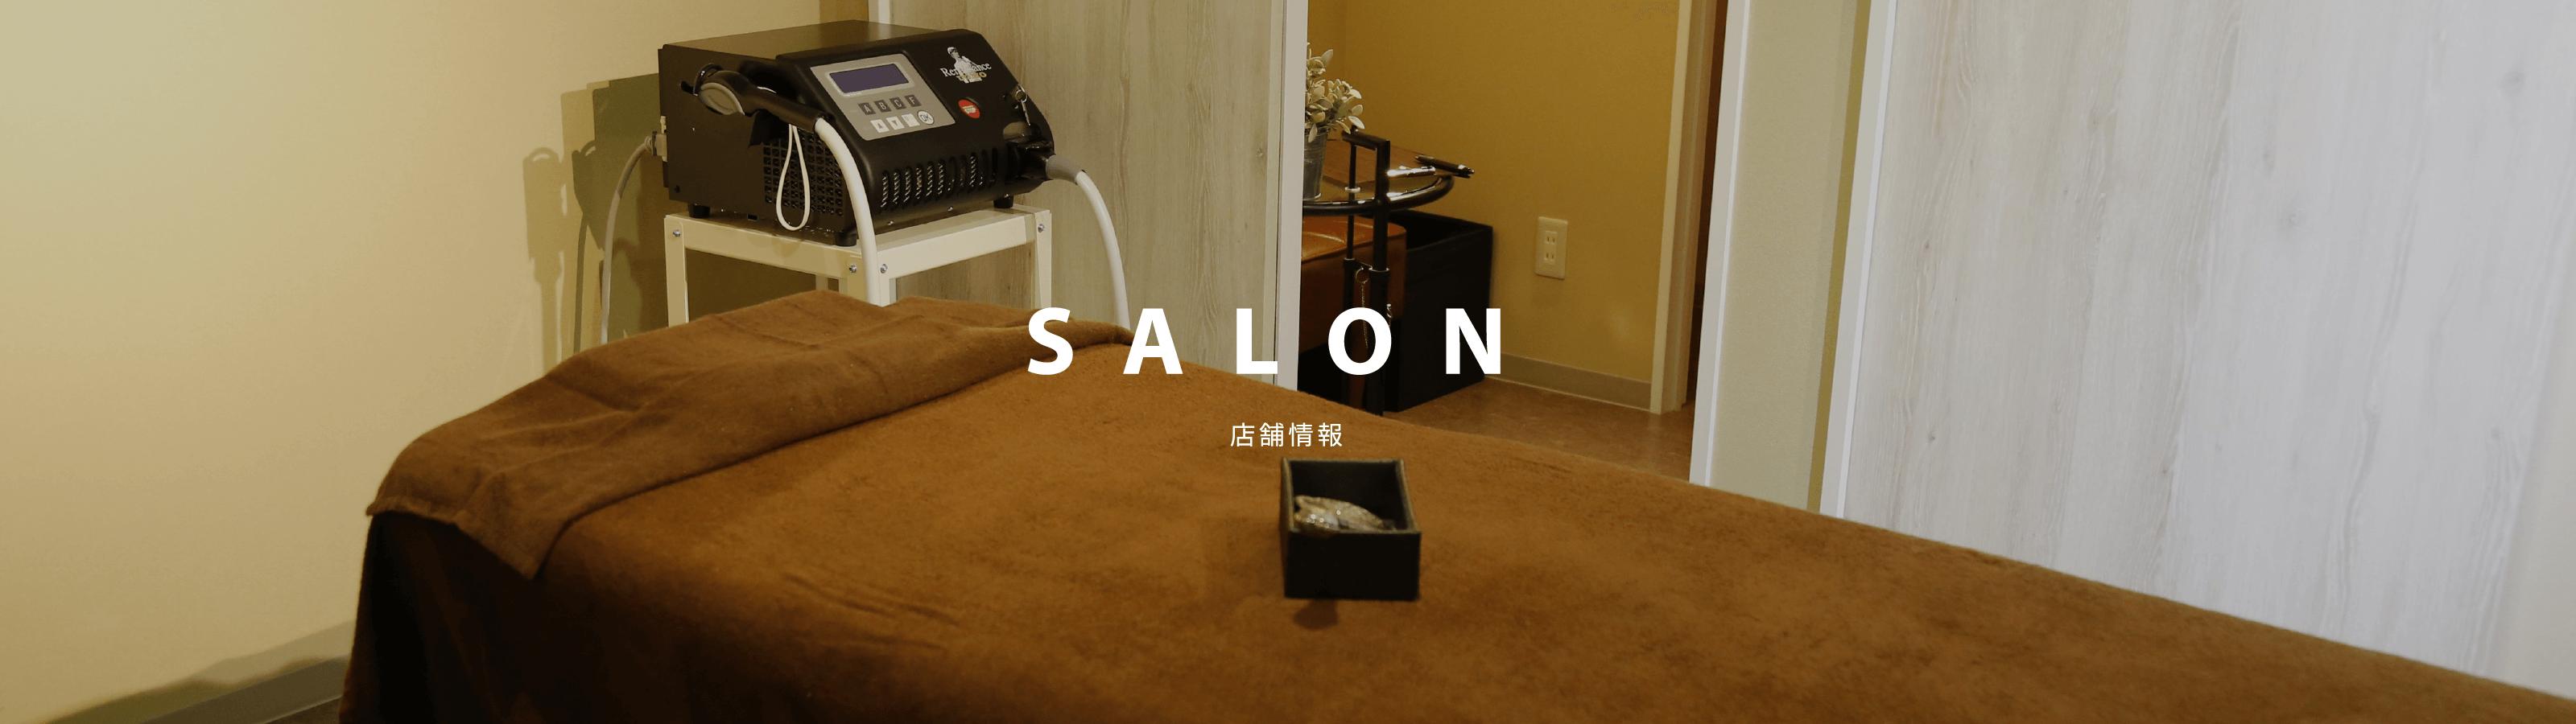 SALON 店舗情報